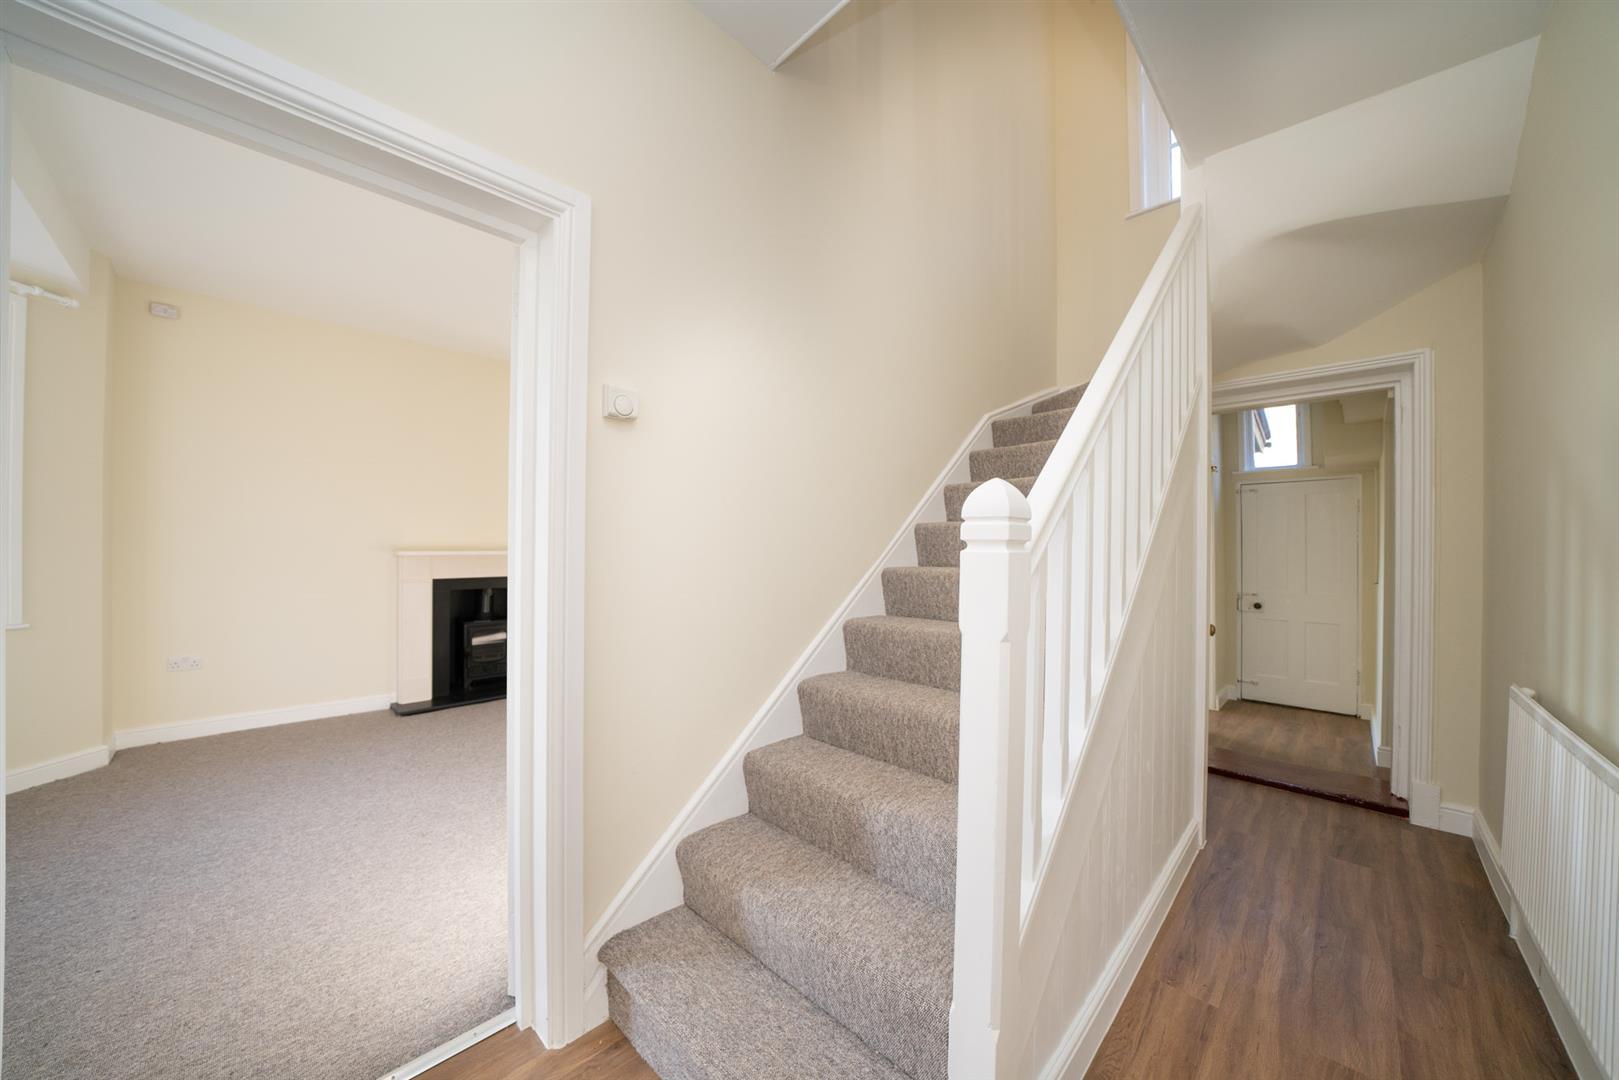 Golden-Parsonage-Lodge-8638 - hallway.jpg